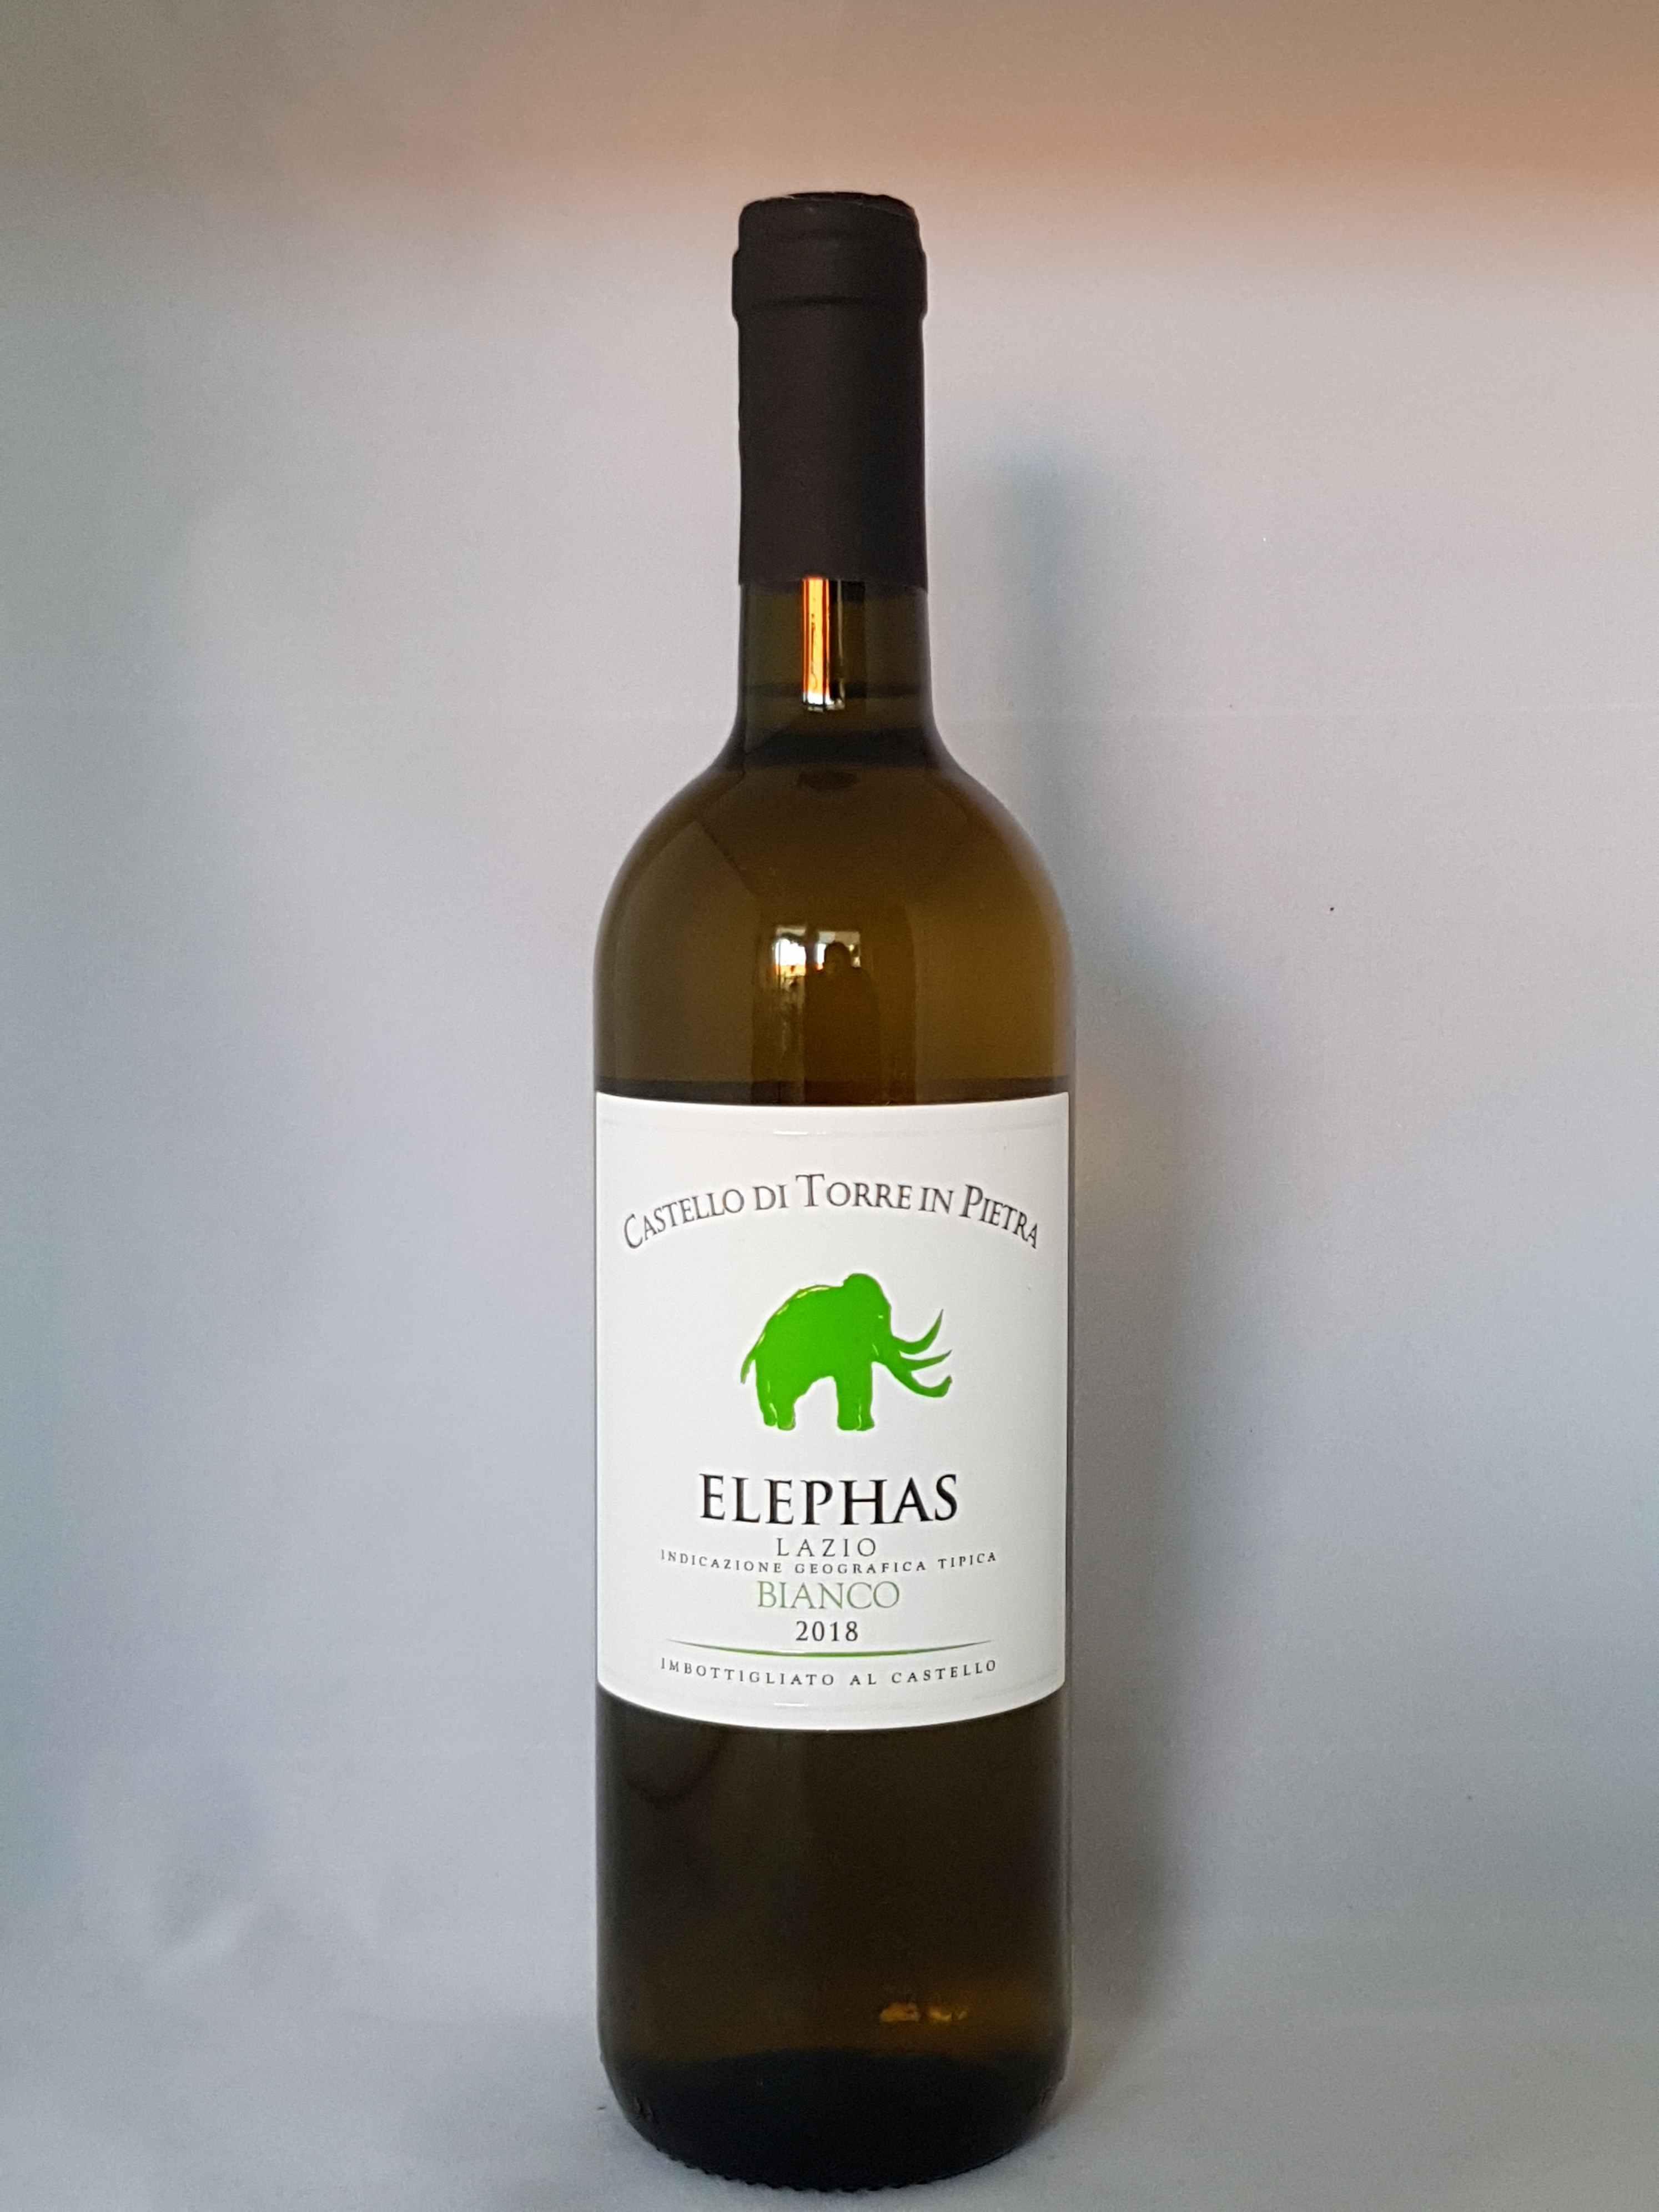 Elephas Bianco 2018